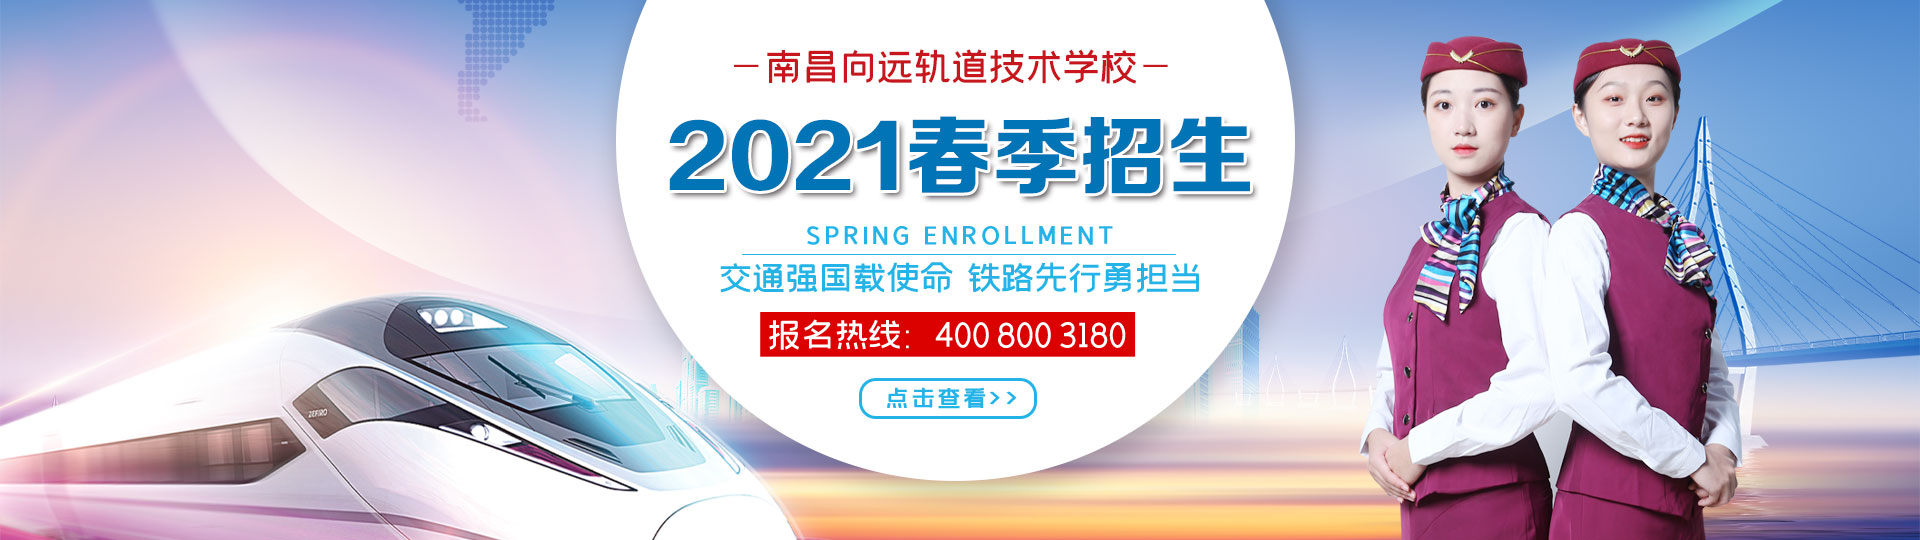 2021春季招生